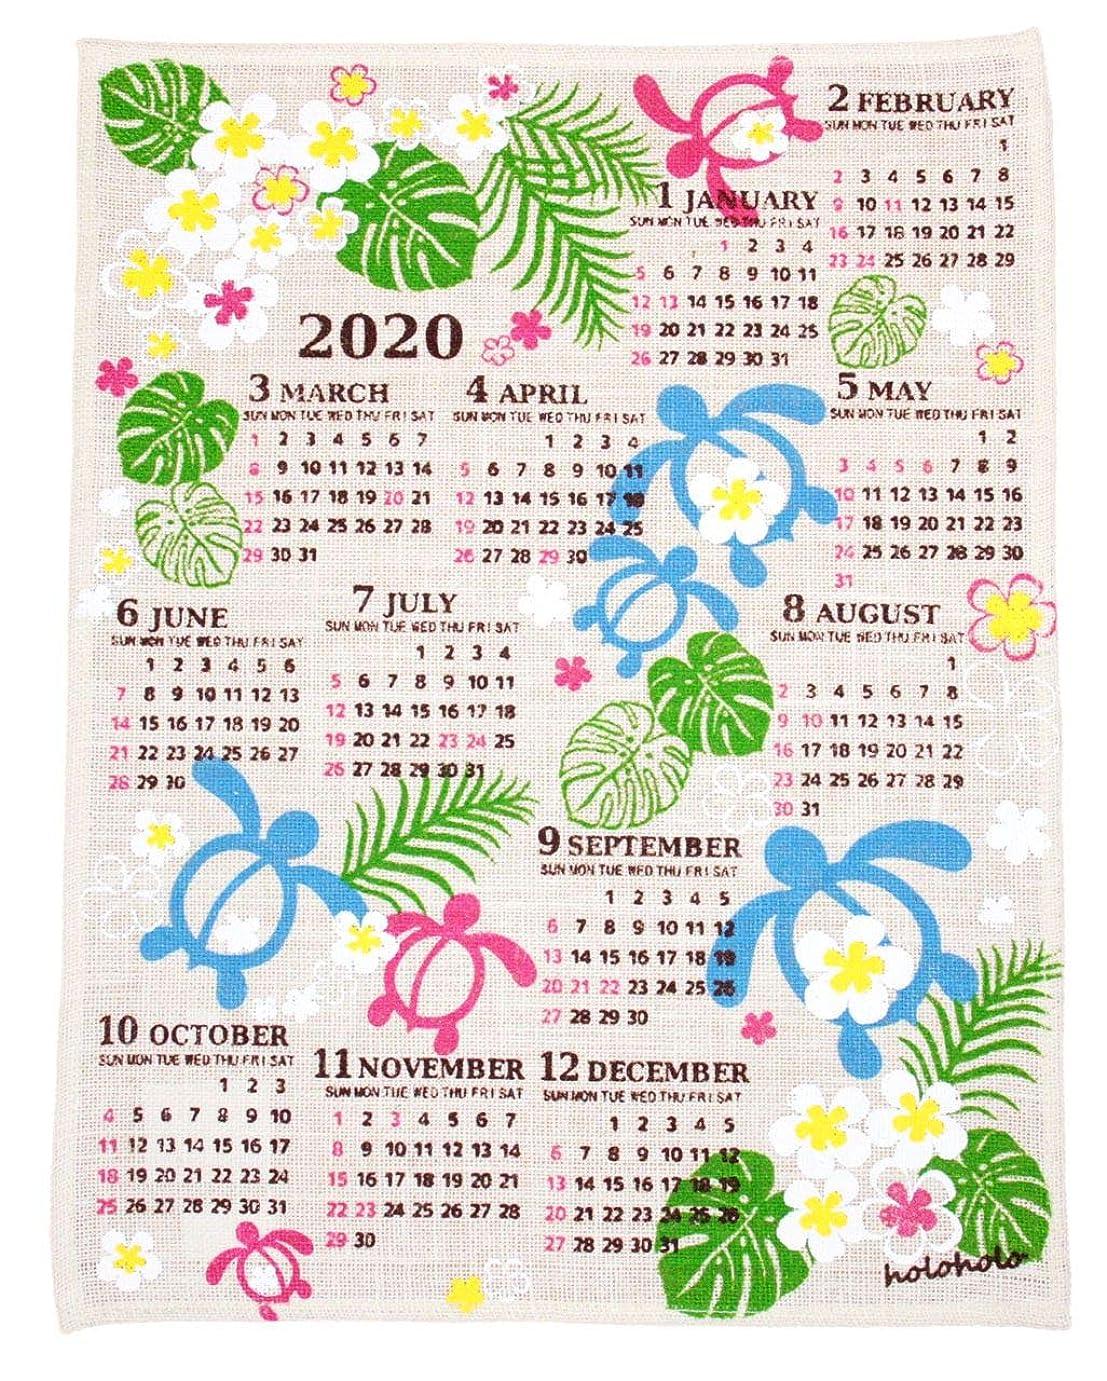 取り囲む警告付録ハワイアン雑貨 2020年 カレンダー 壁掛け 麻 ジュート ポスター (ホヌランド) ウミガメ 海亀 ハワイ 土産